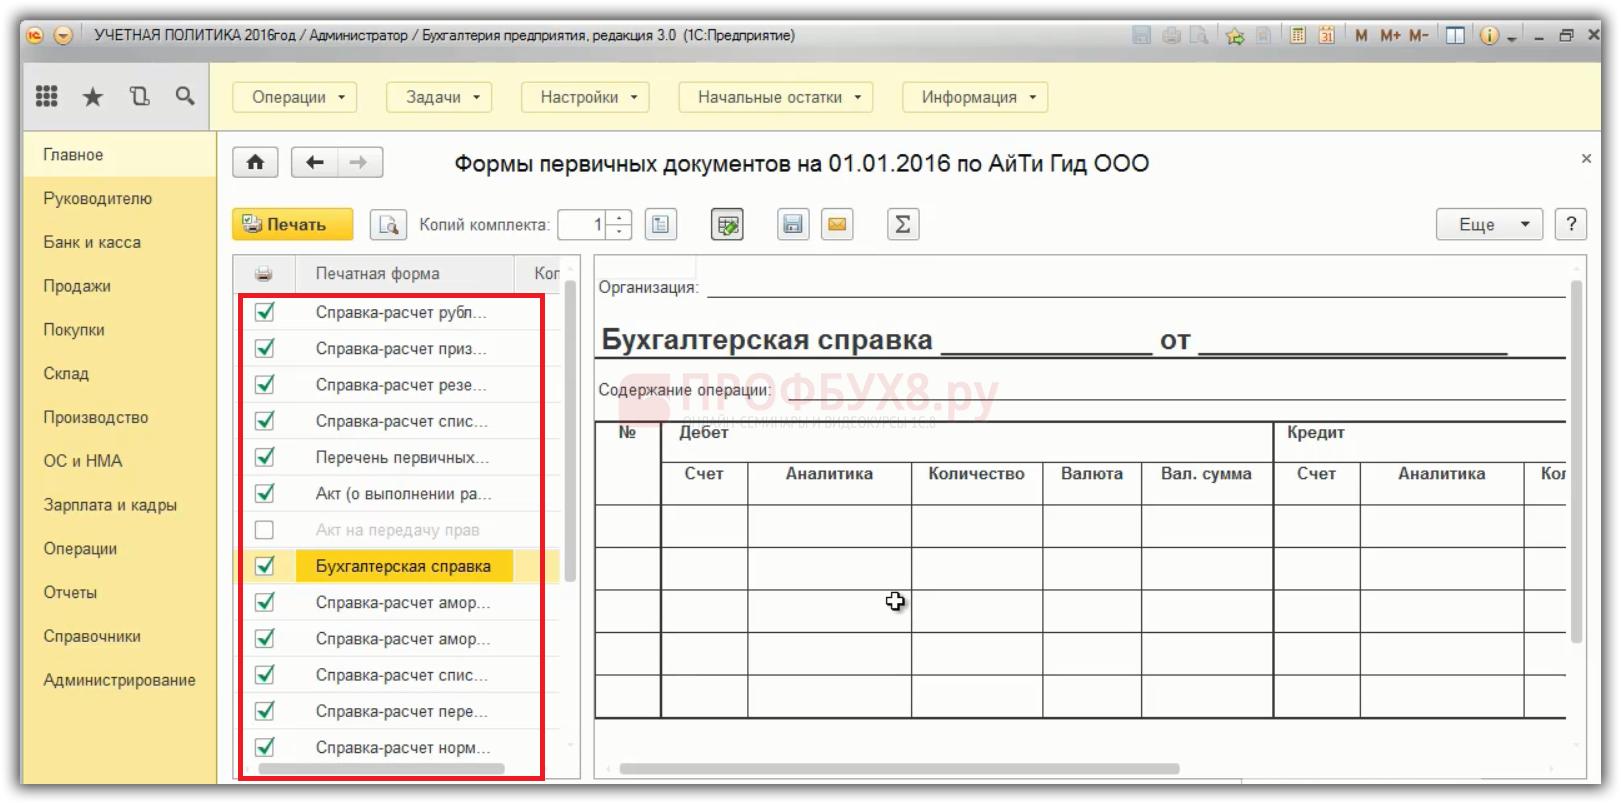 Первичные документы бухгалтерского учета в учетной политике